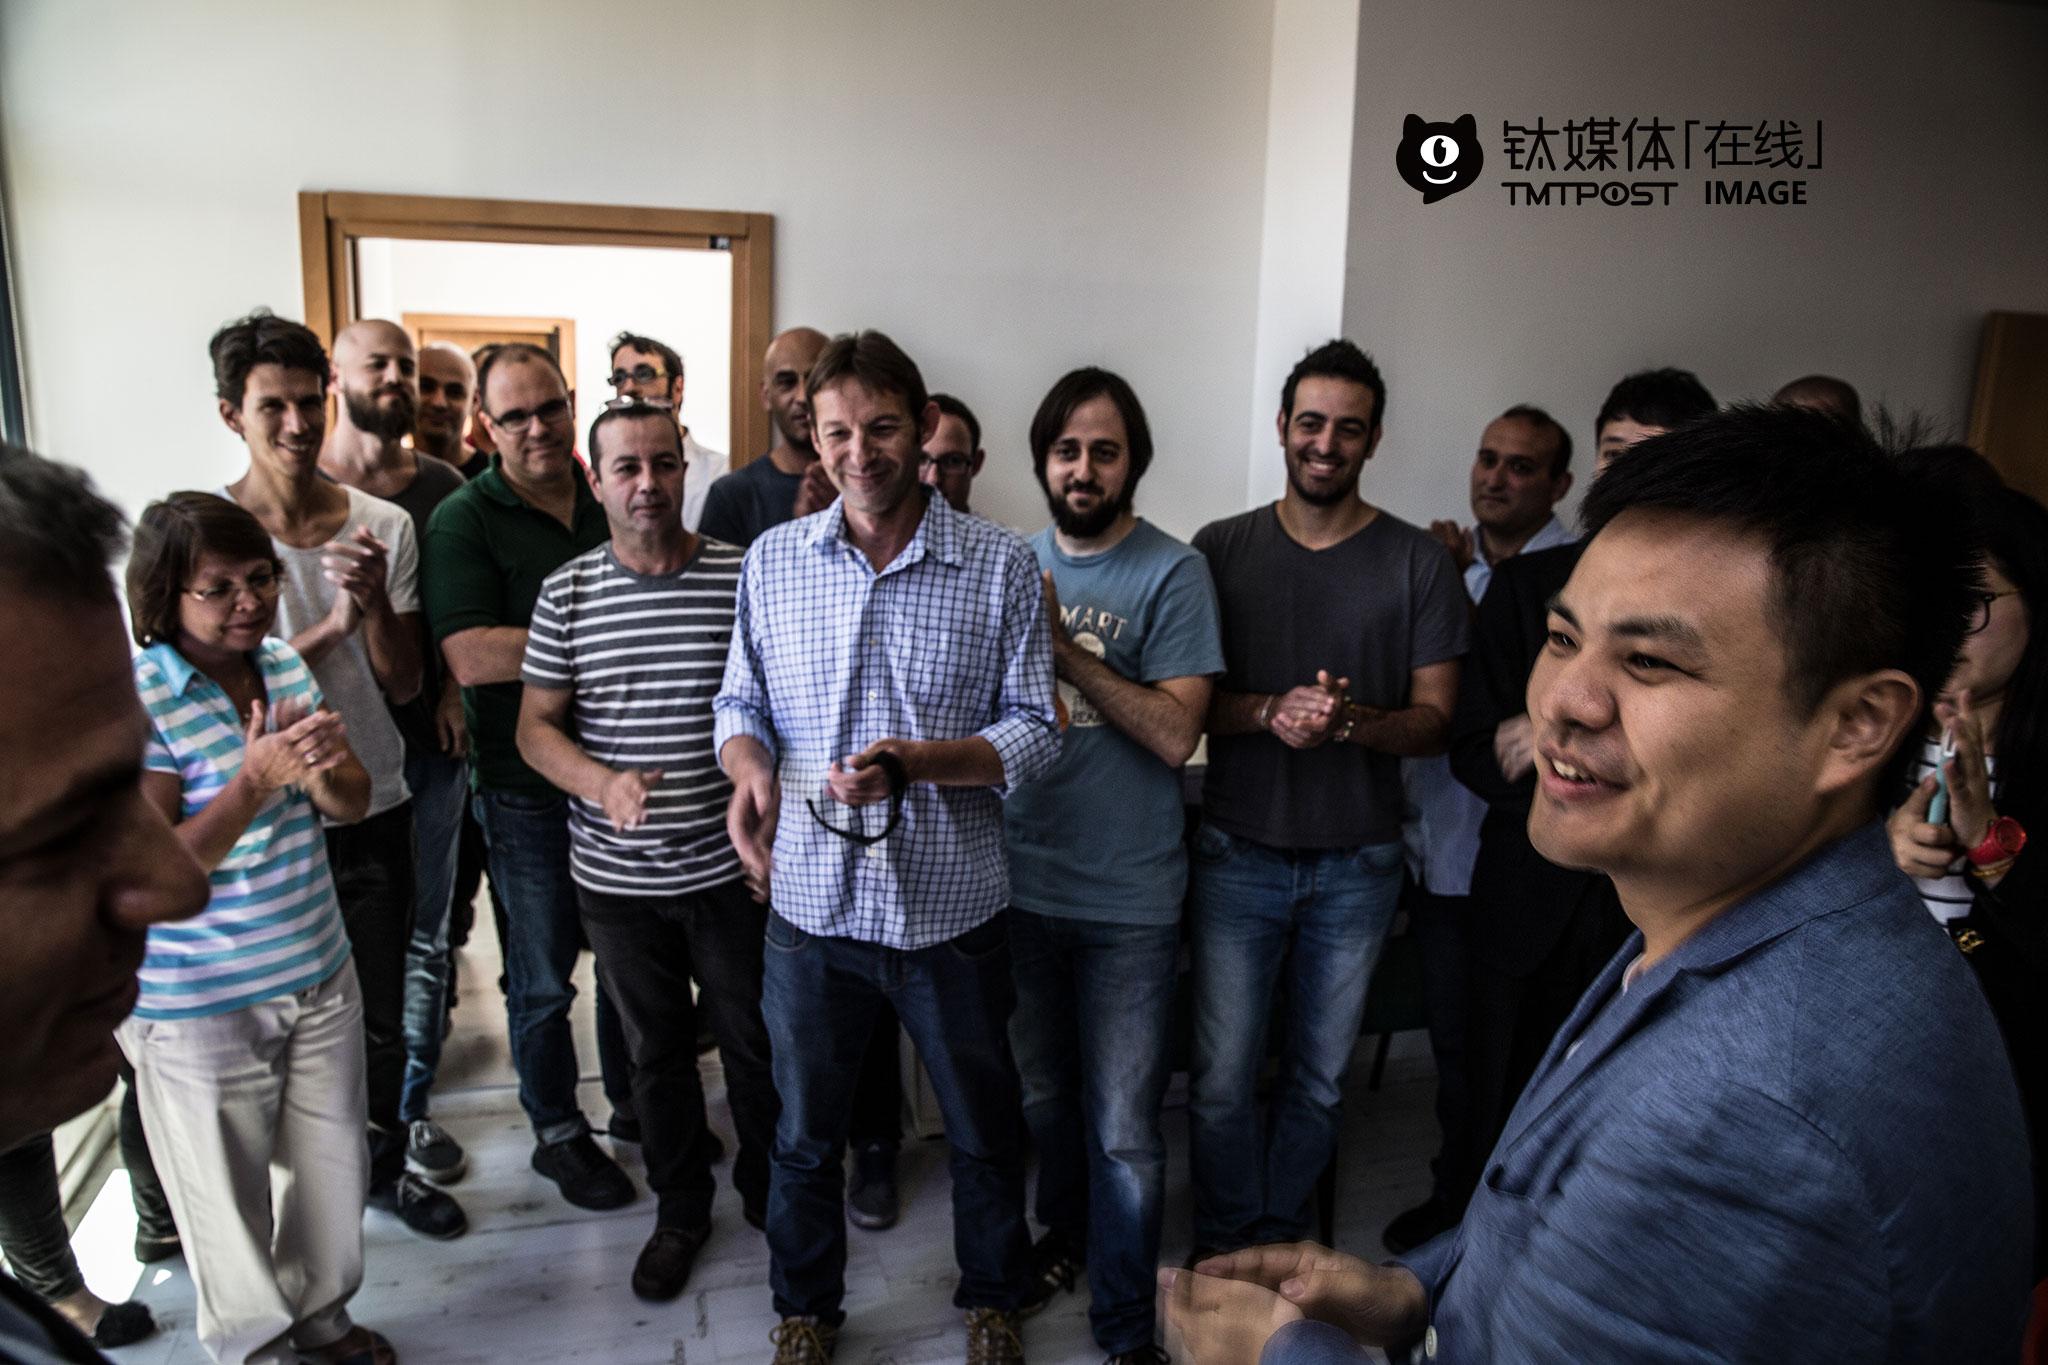 展示过后,公司CEO Gideon Shmuel召集研发团队的成员第一次与新入局的中国投资人见面。